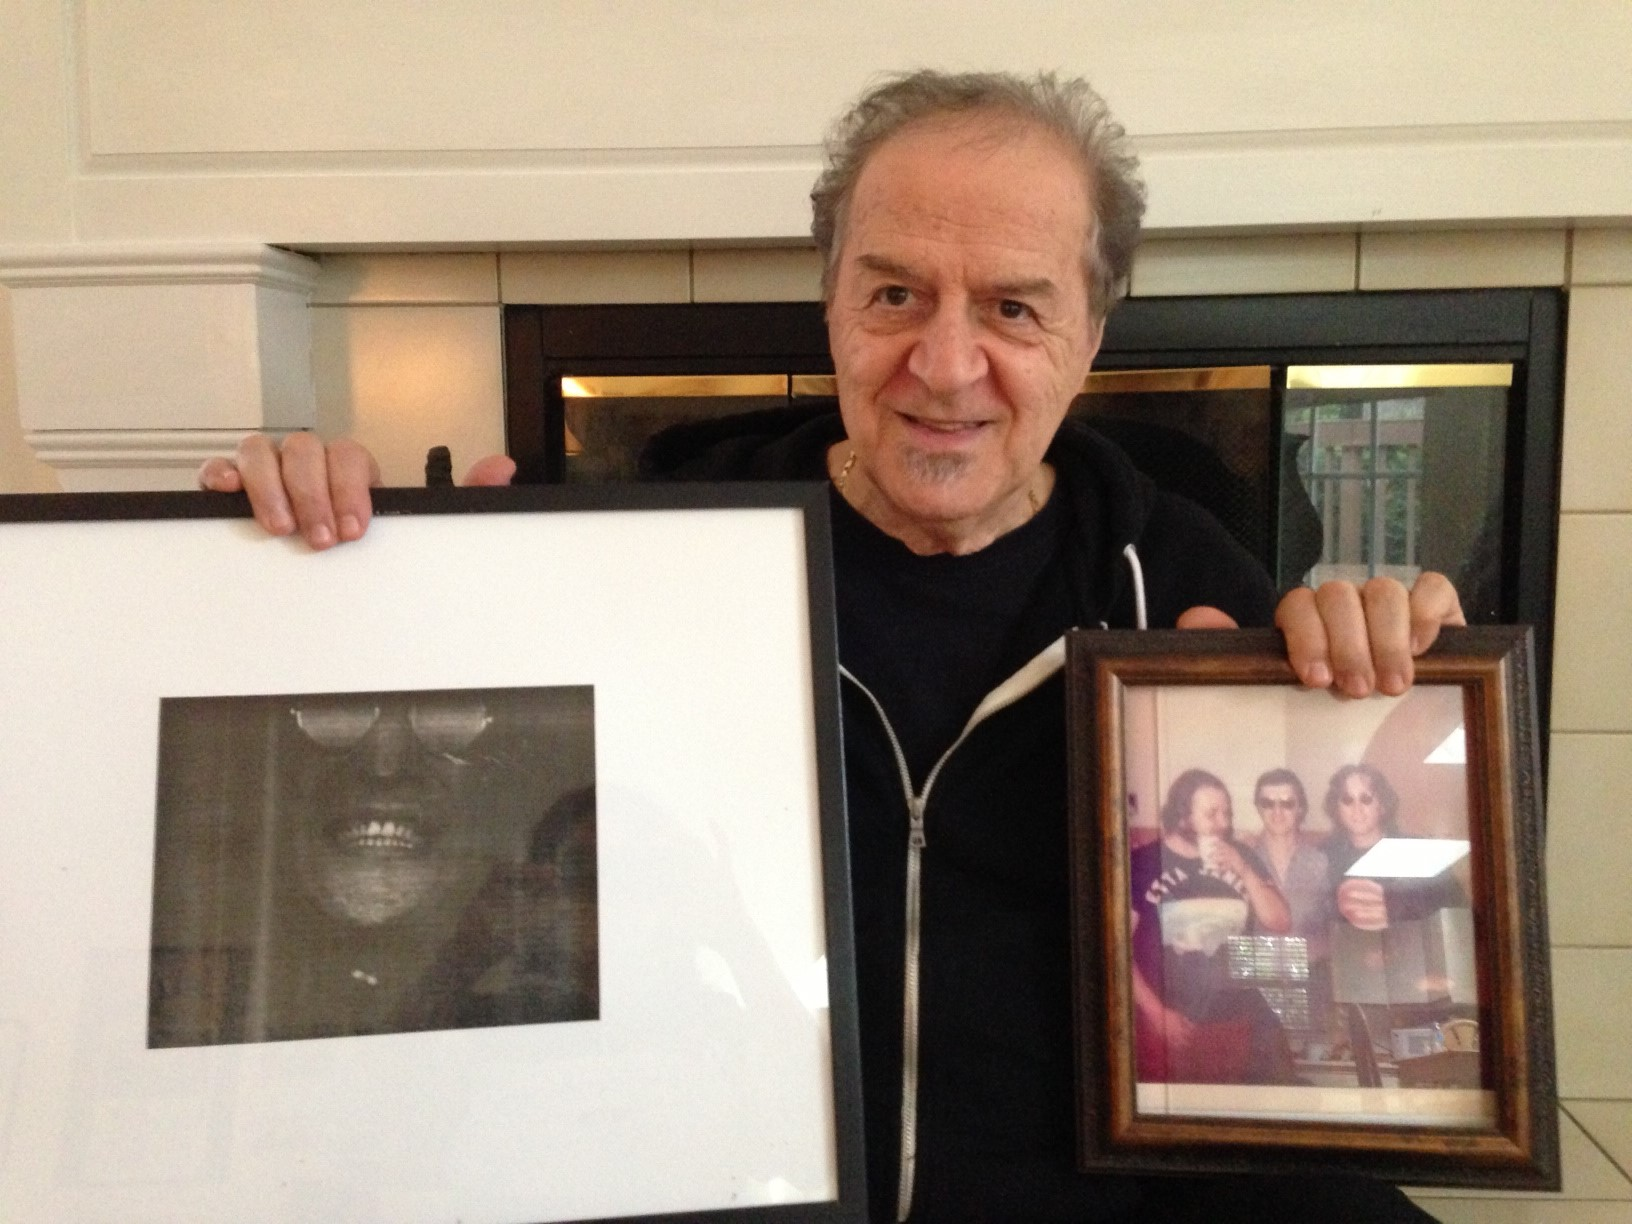 Ron Aprea Holding Photos of John Lennon